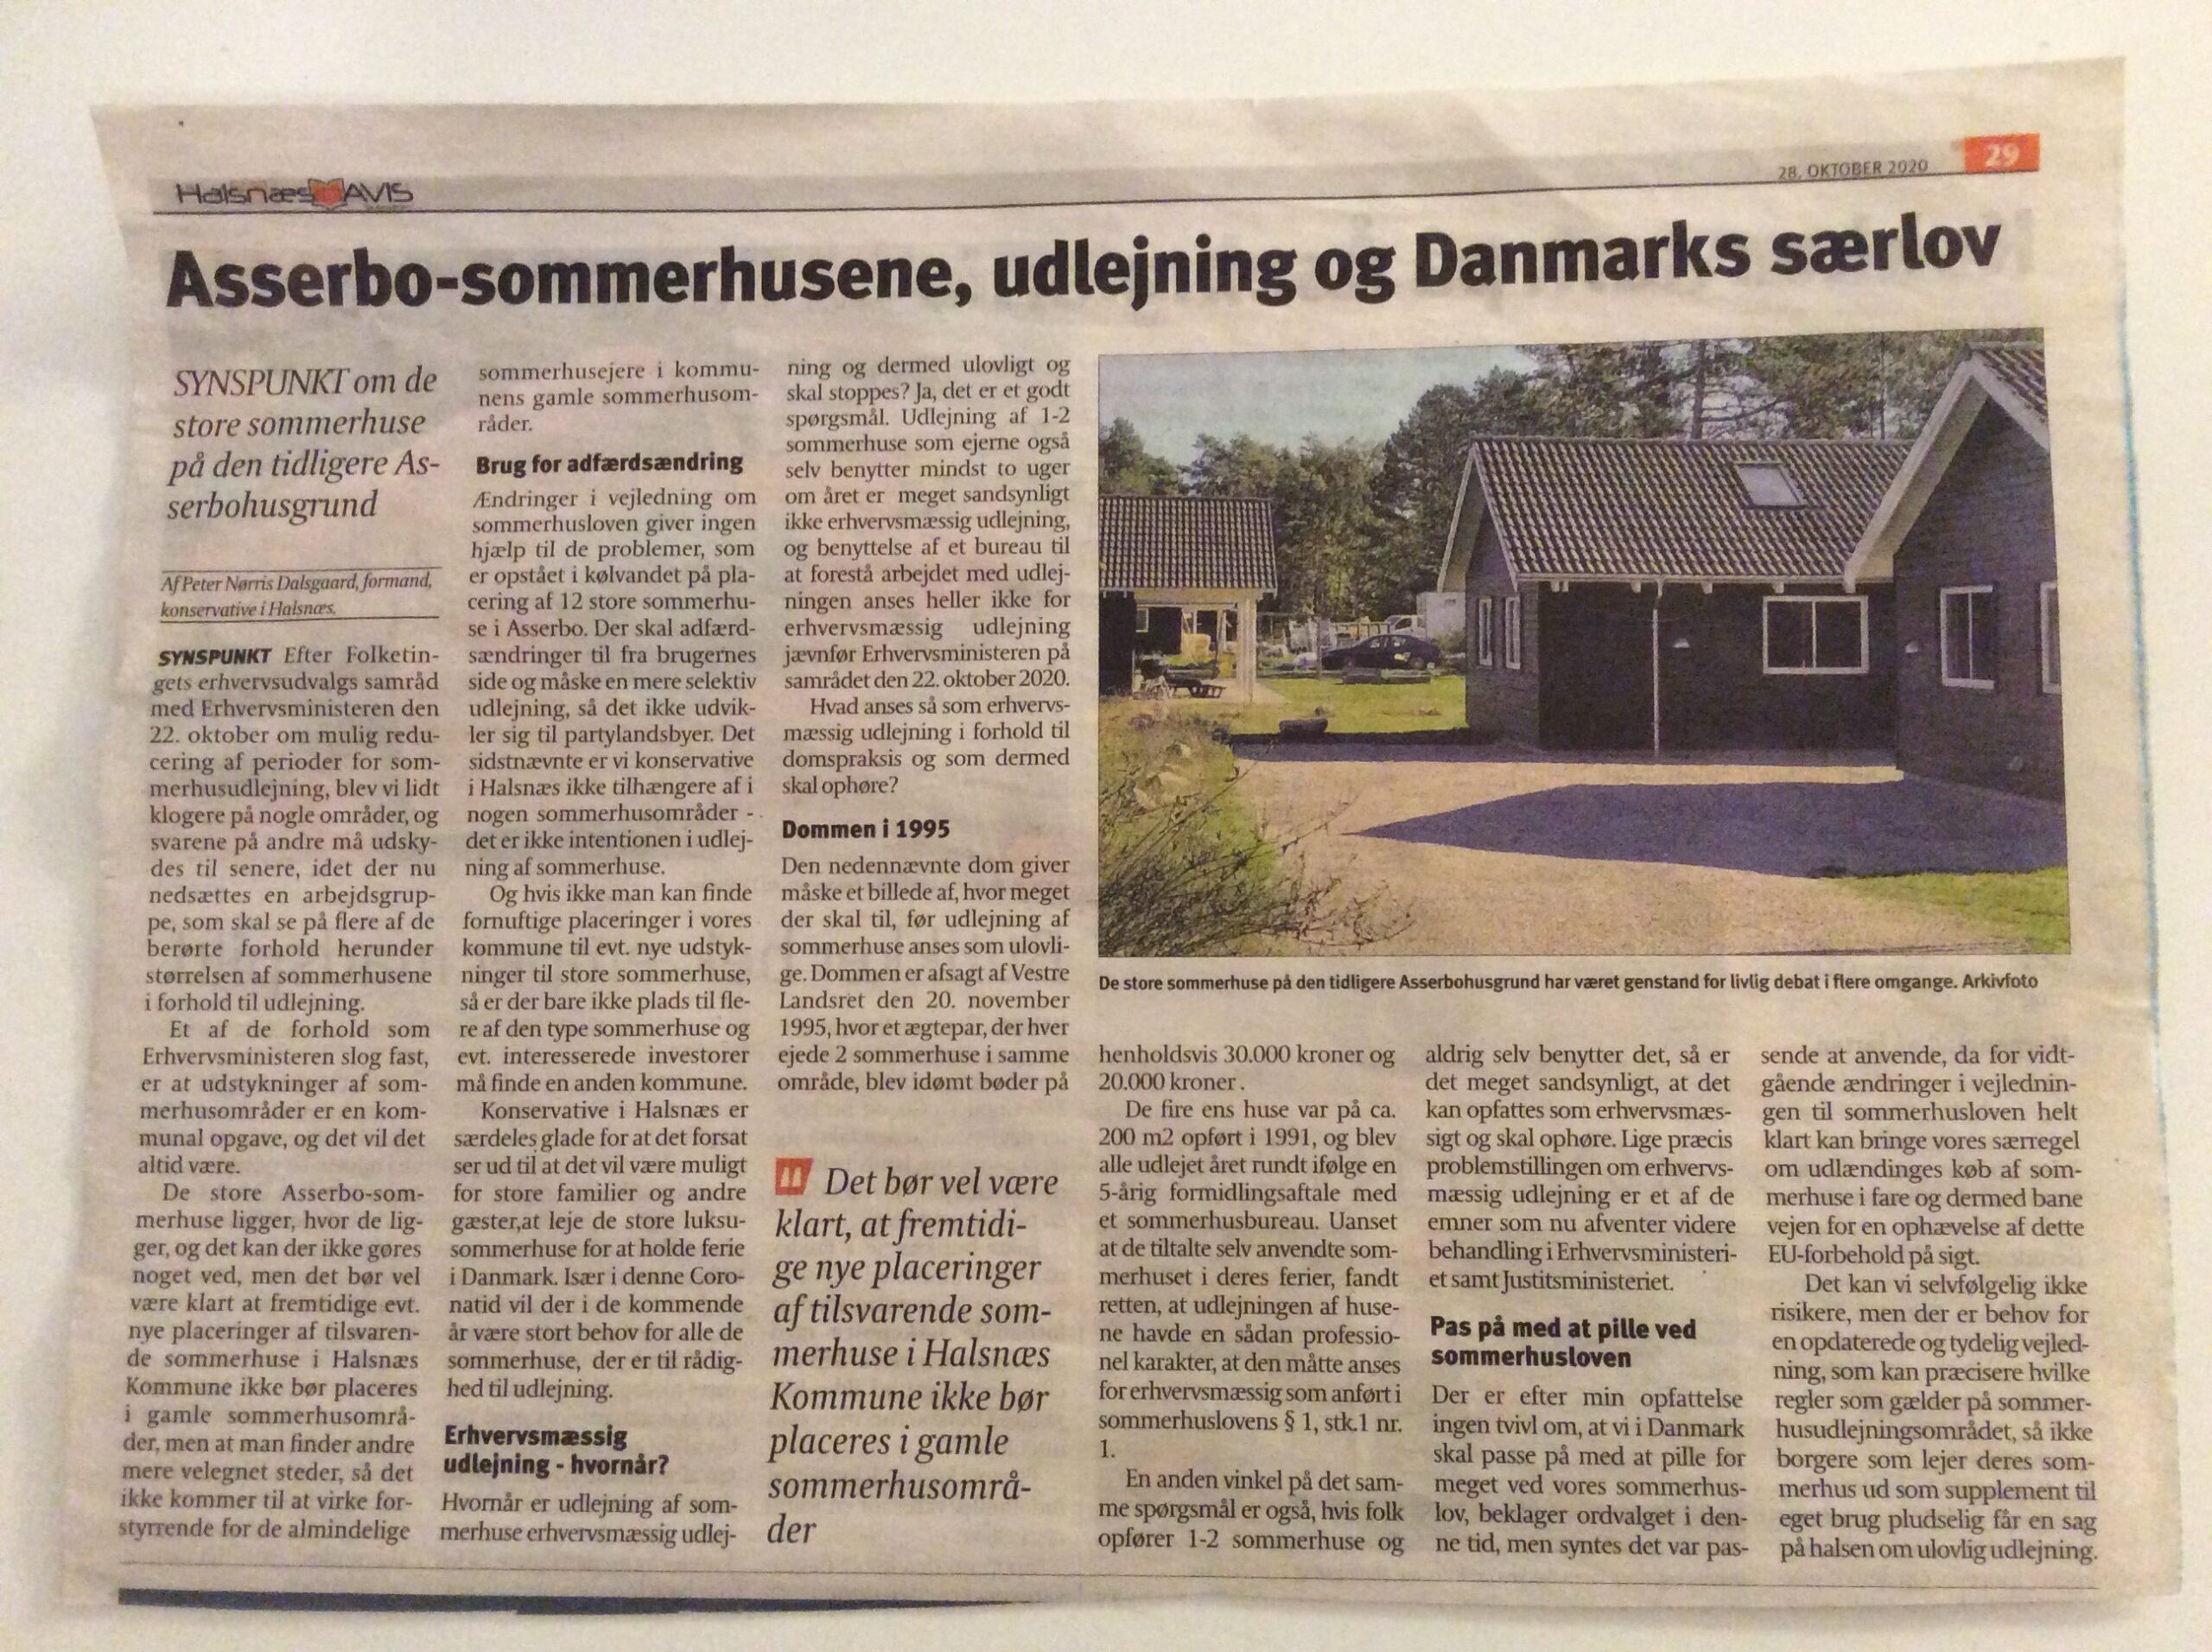 Asserbo-sommerhusene, udlejning og Danmarks særlov